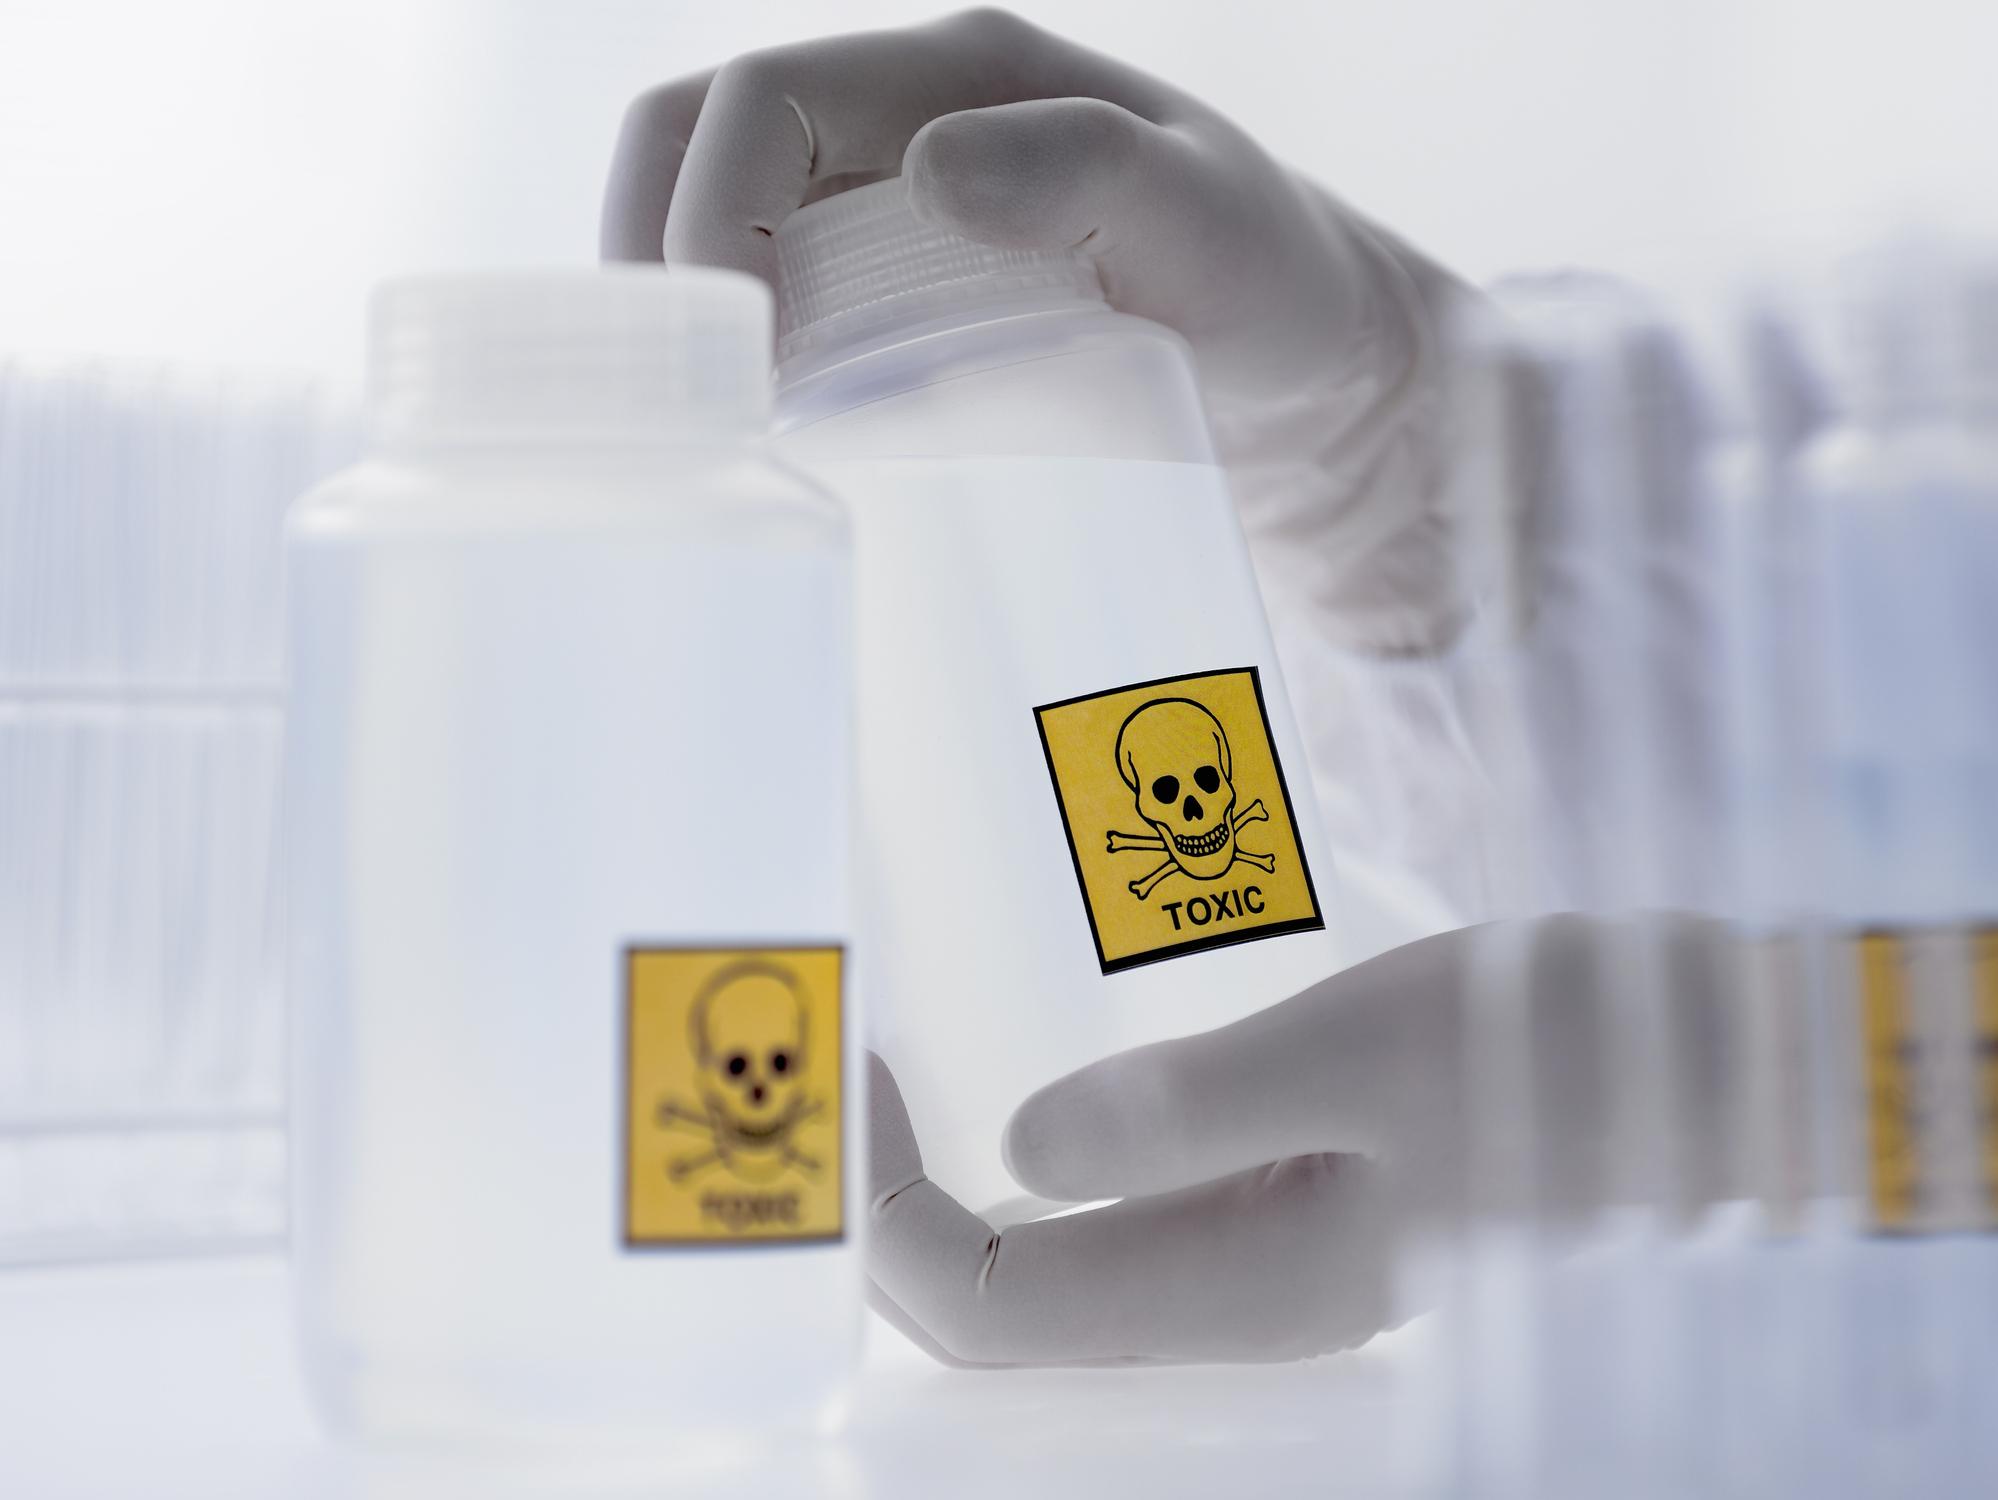 Оксфордский словарь выбрал слово года: toxic